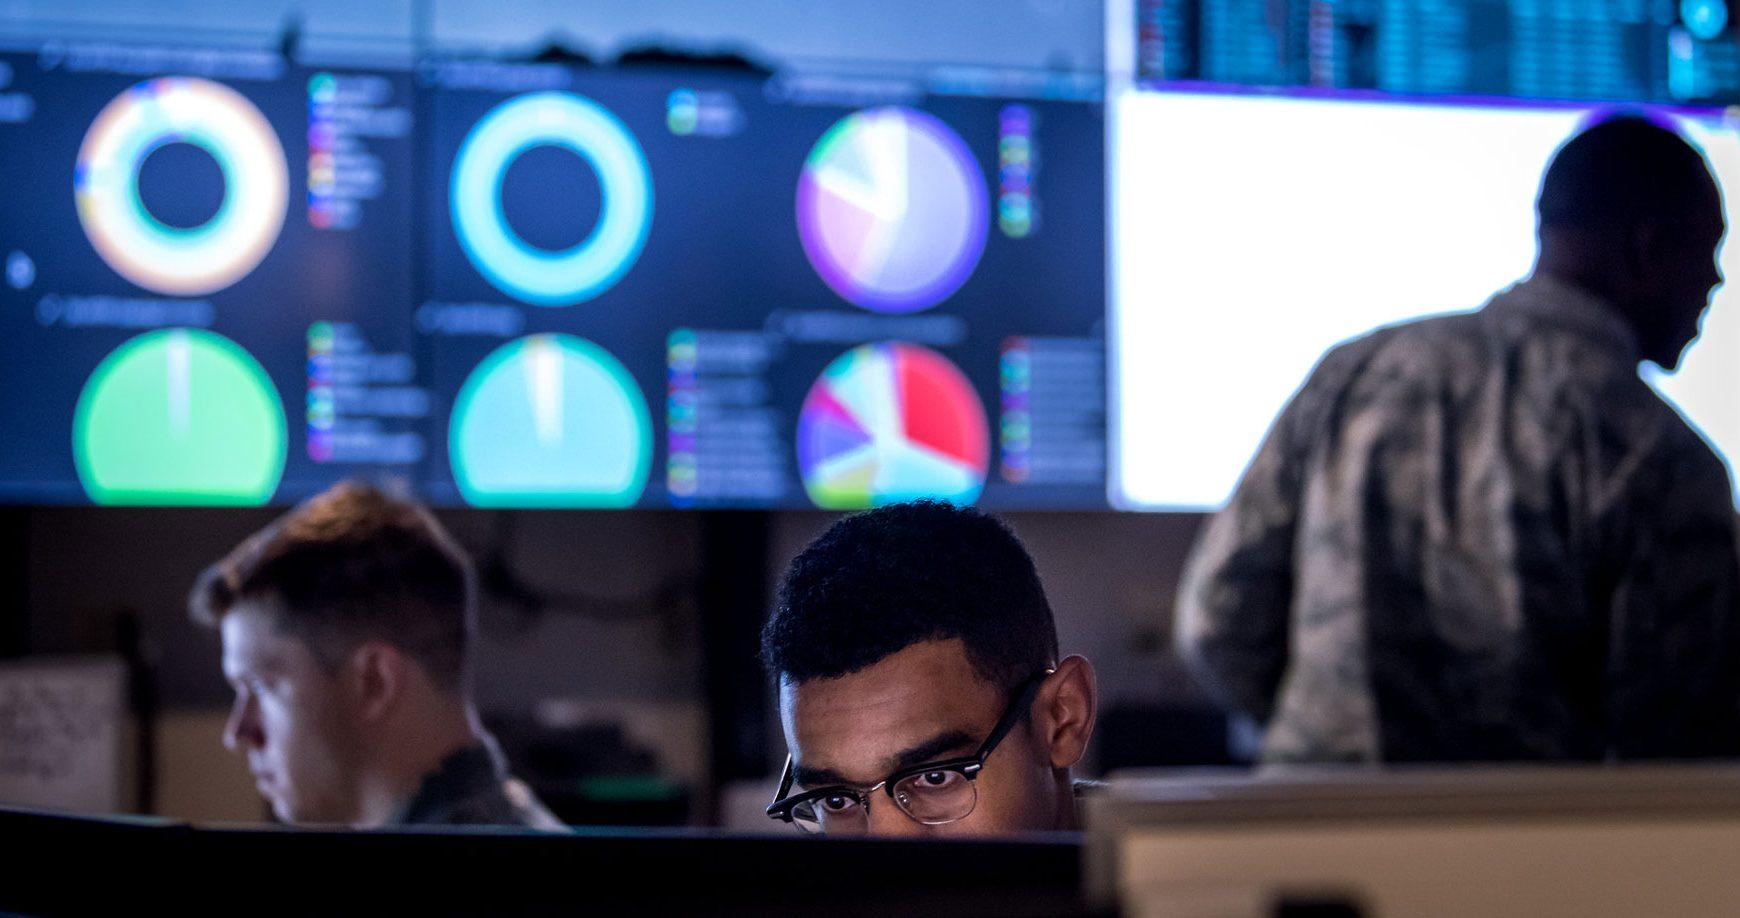 Washington formuluje novú stratégiu kyberbezpečnosti